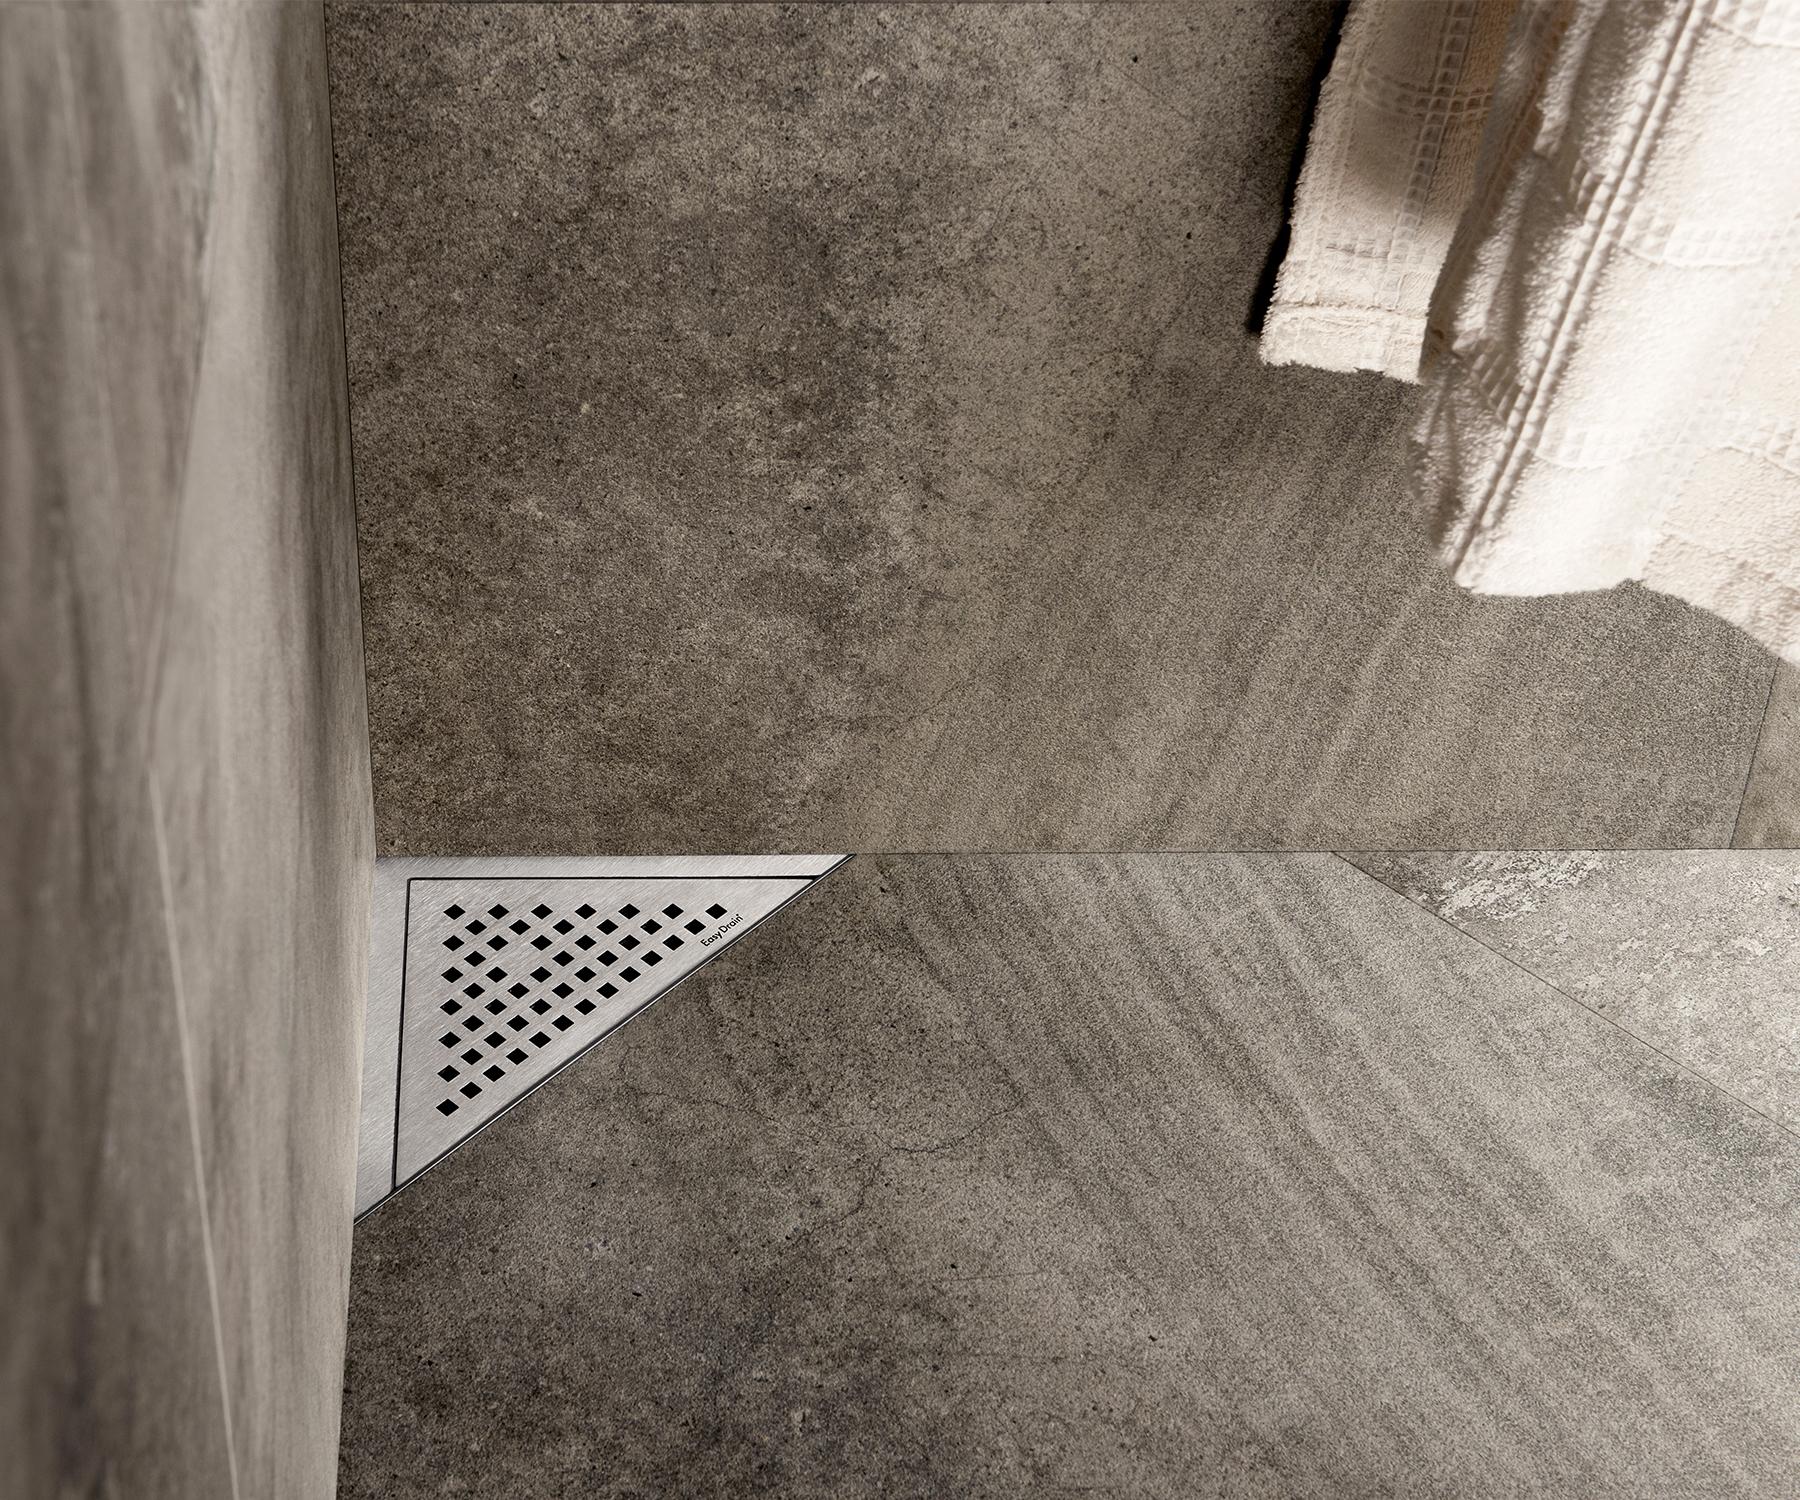 point drains easy drain